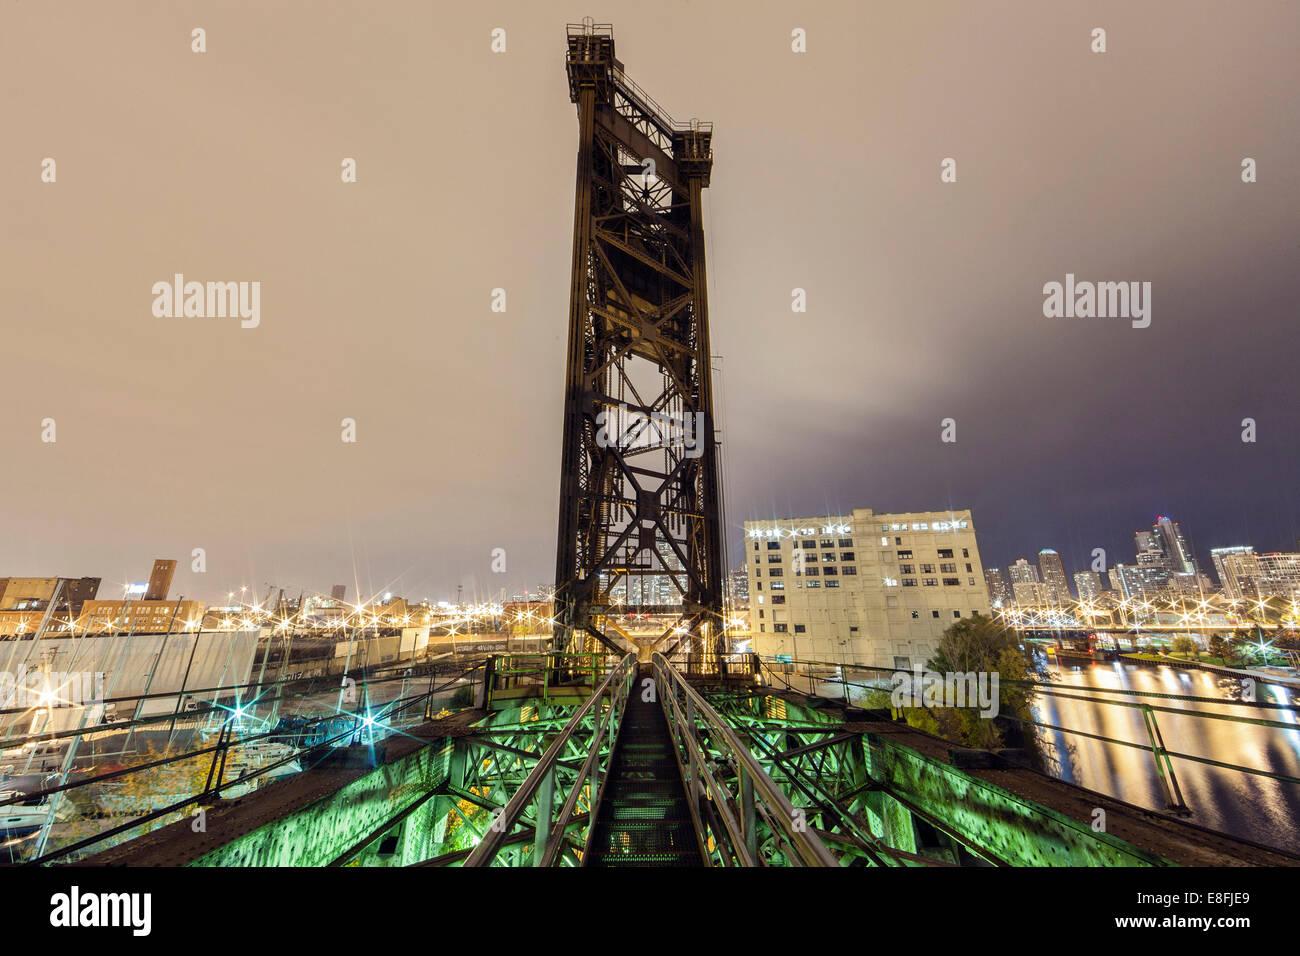 Stati Uniti d'America, Illinois, Contea di Cook, Chicago, Chinatown Bridge Immagini Stock